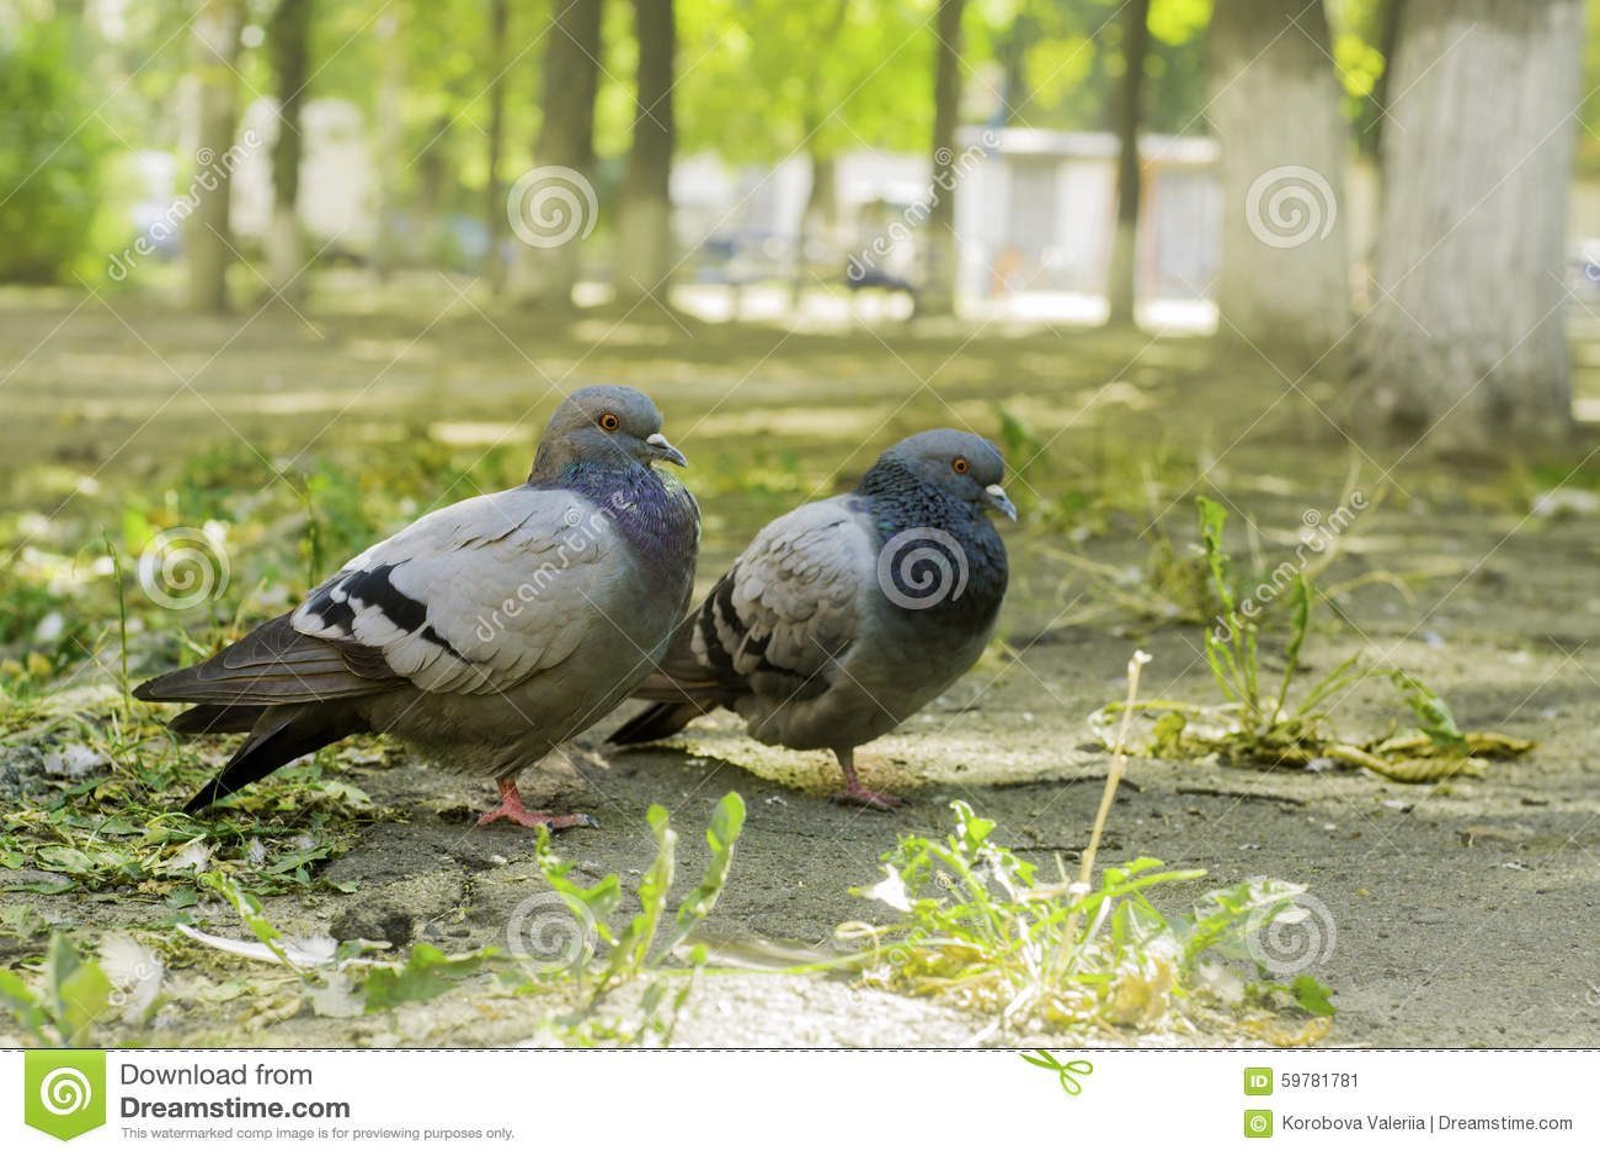 Paires de colombes se tenant au sol, deux colombes